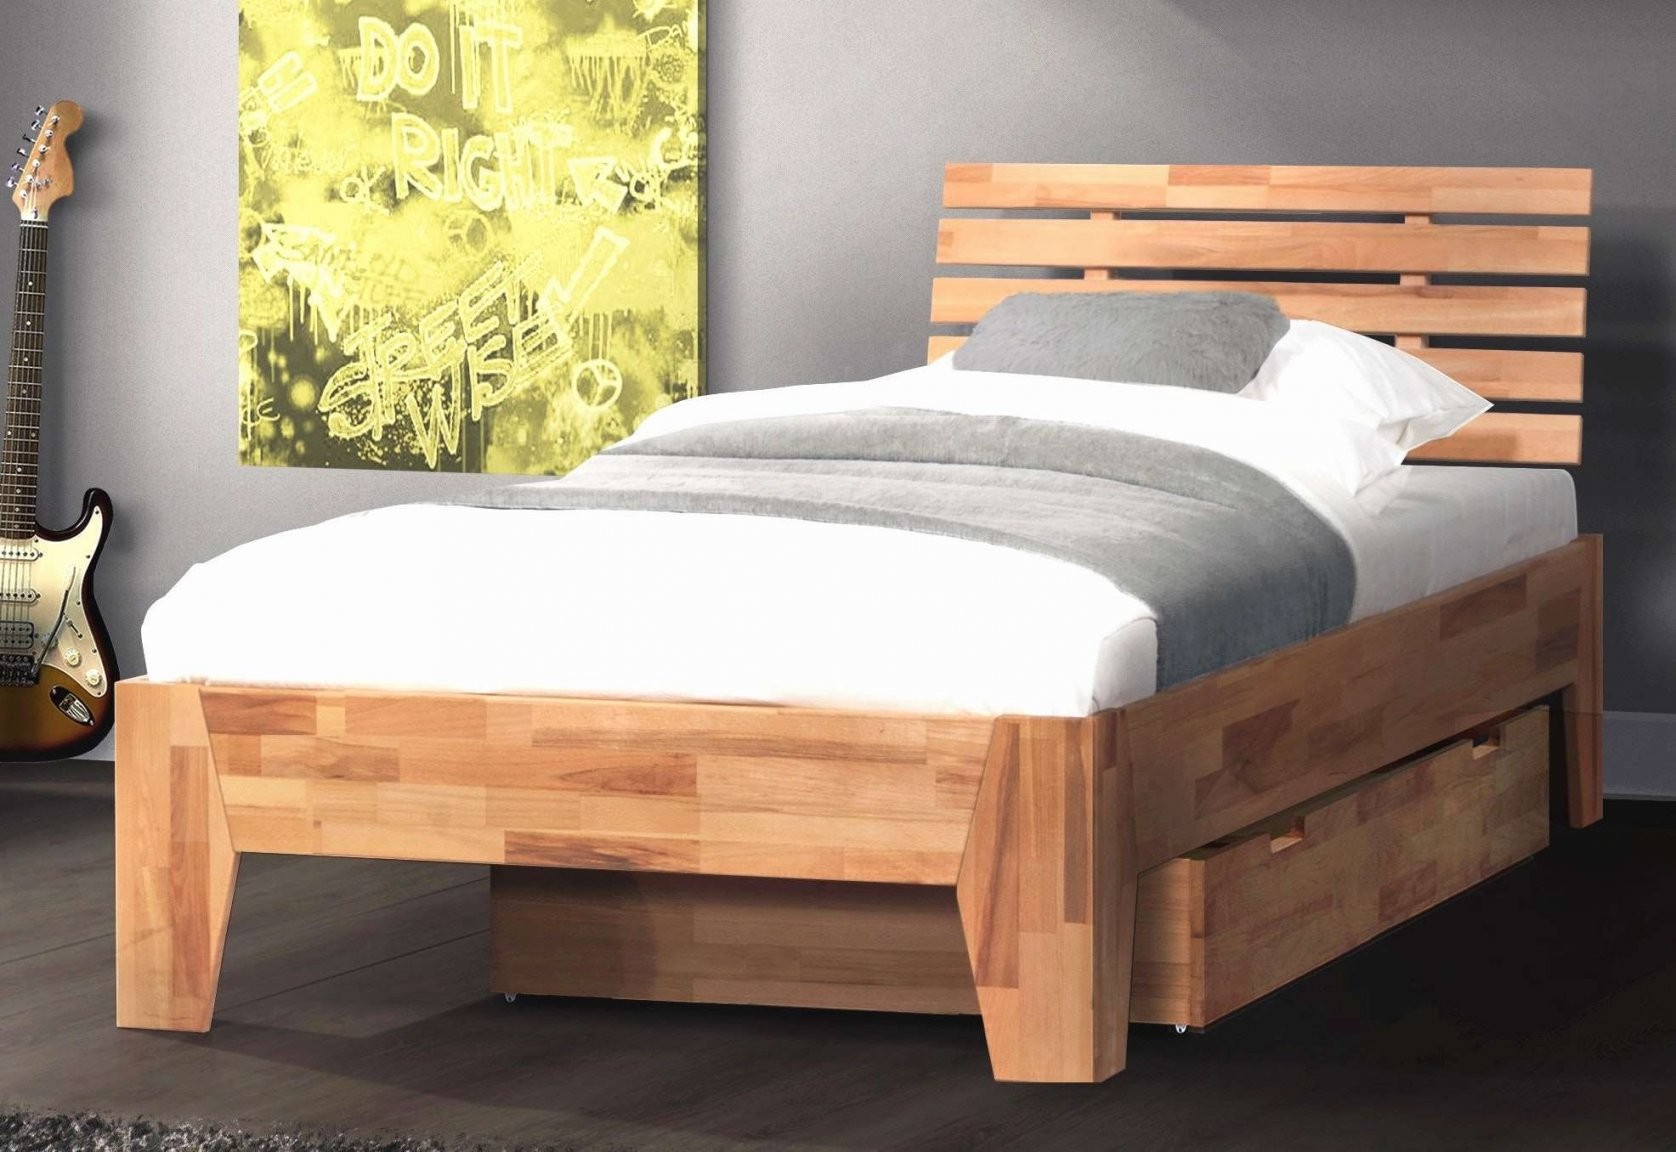 Futonbett 160×200 Mit Matratze Und Lattenrost Einzigartig Bett 140 von Bettgestell 140X200 Mit Lattenrost Bild